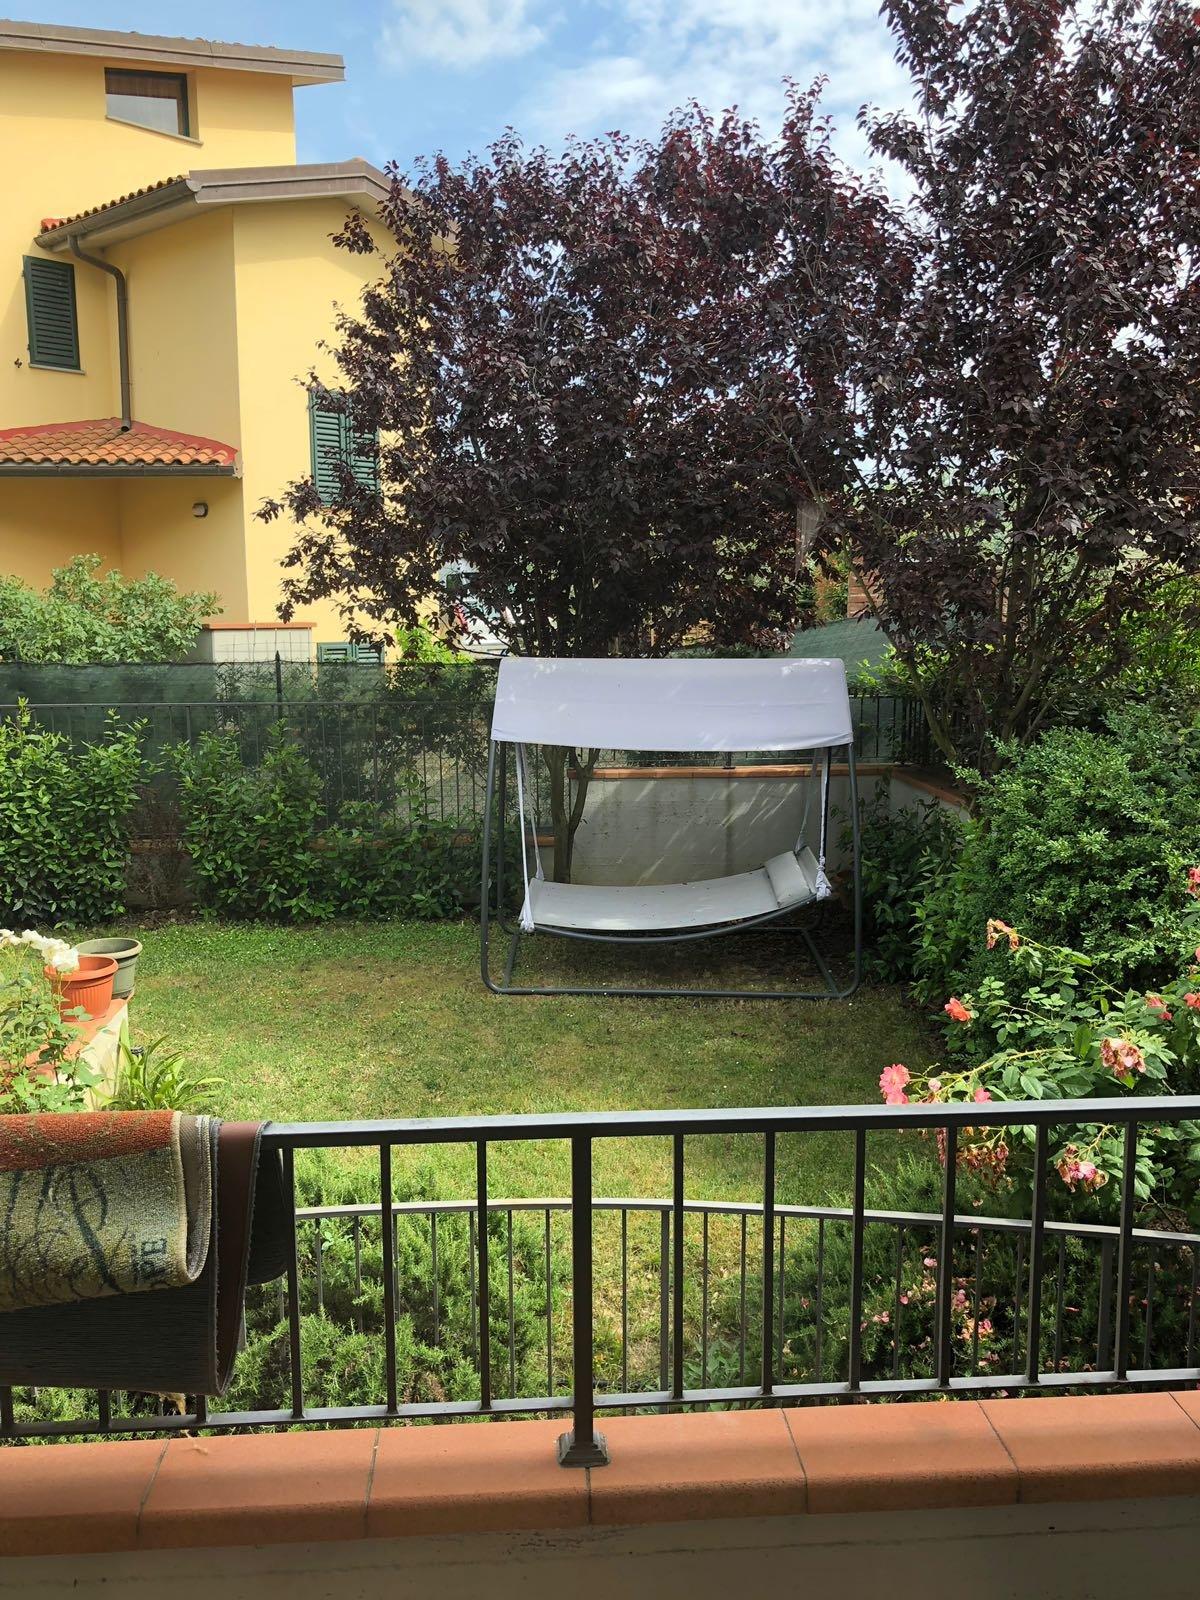 Villetta a schiera a Montelupo Fiorentino